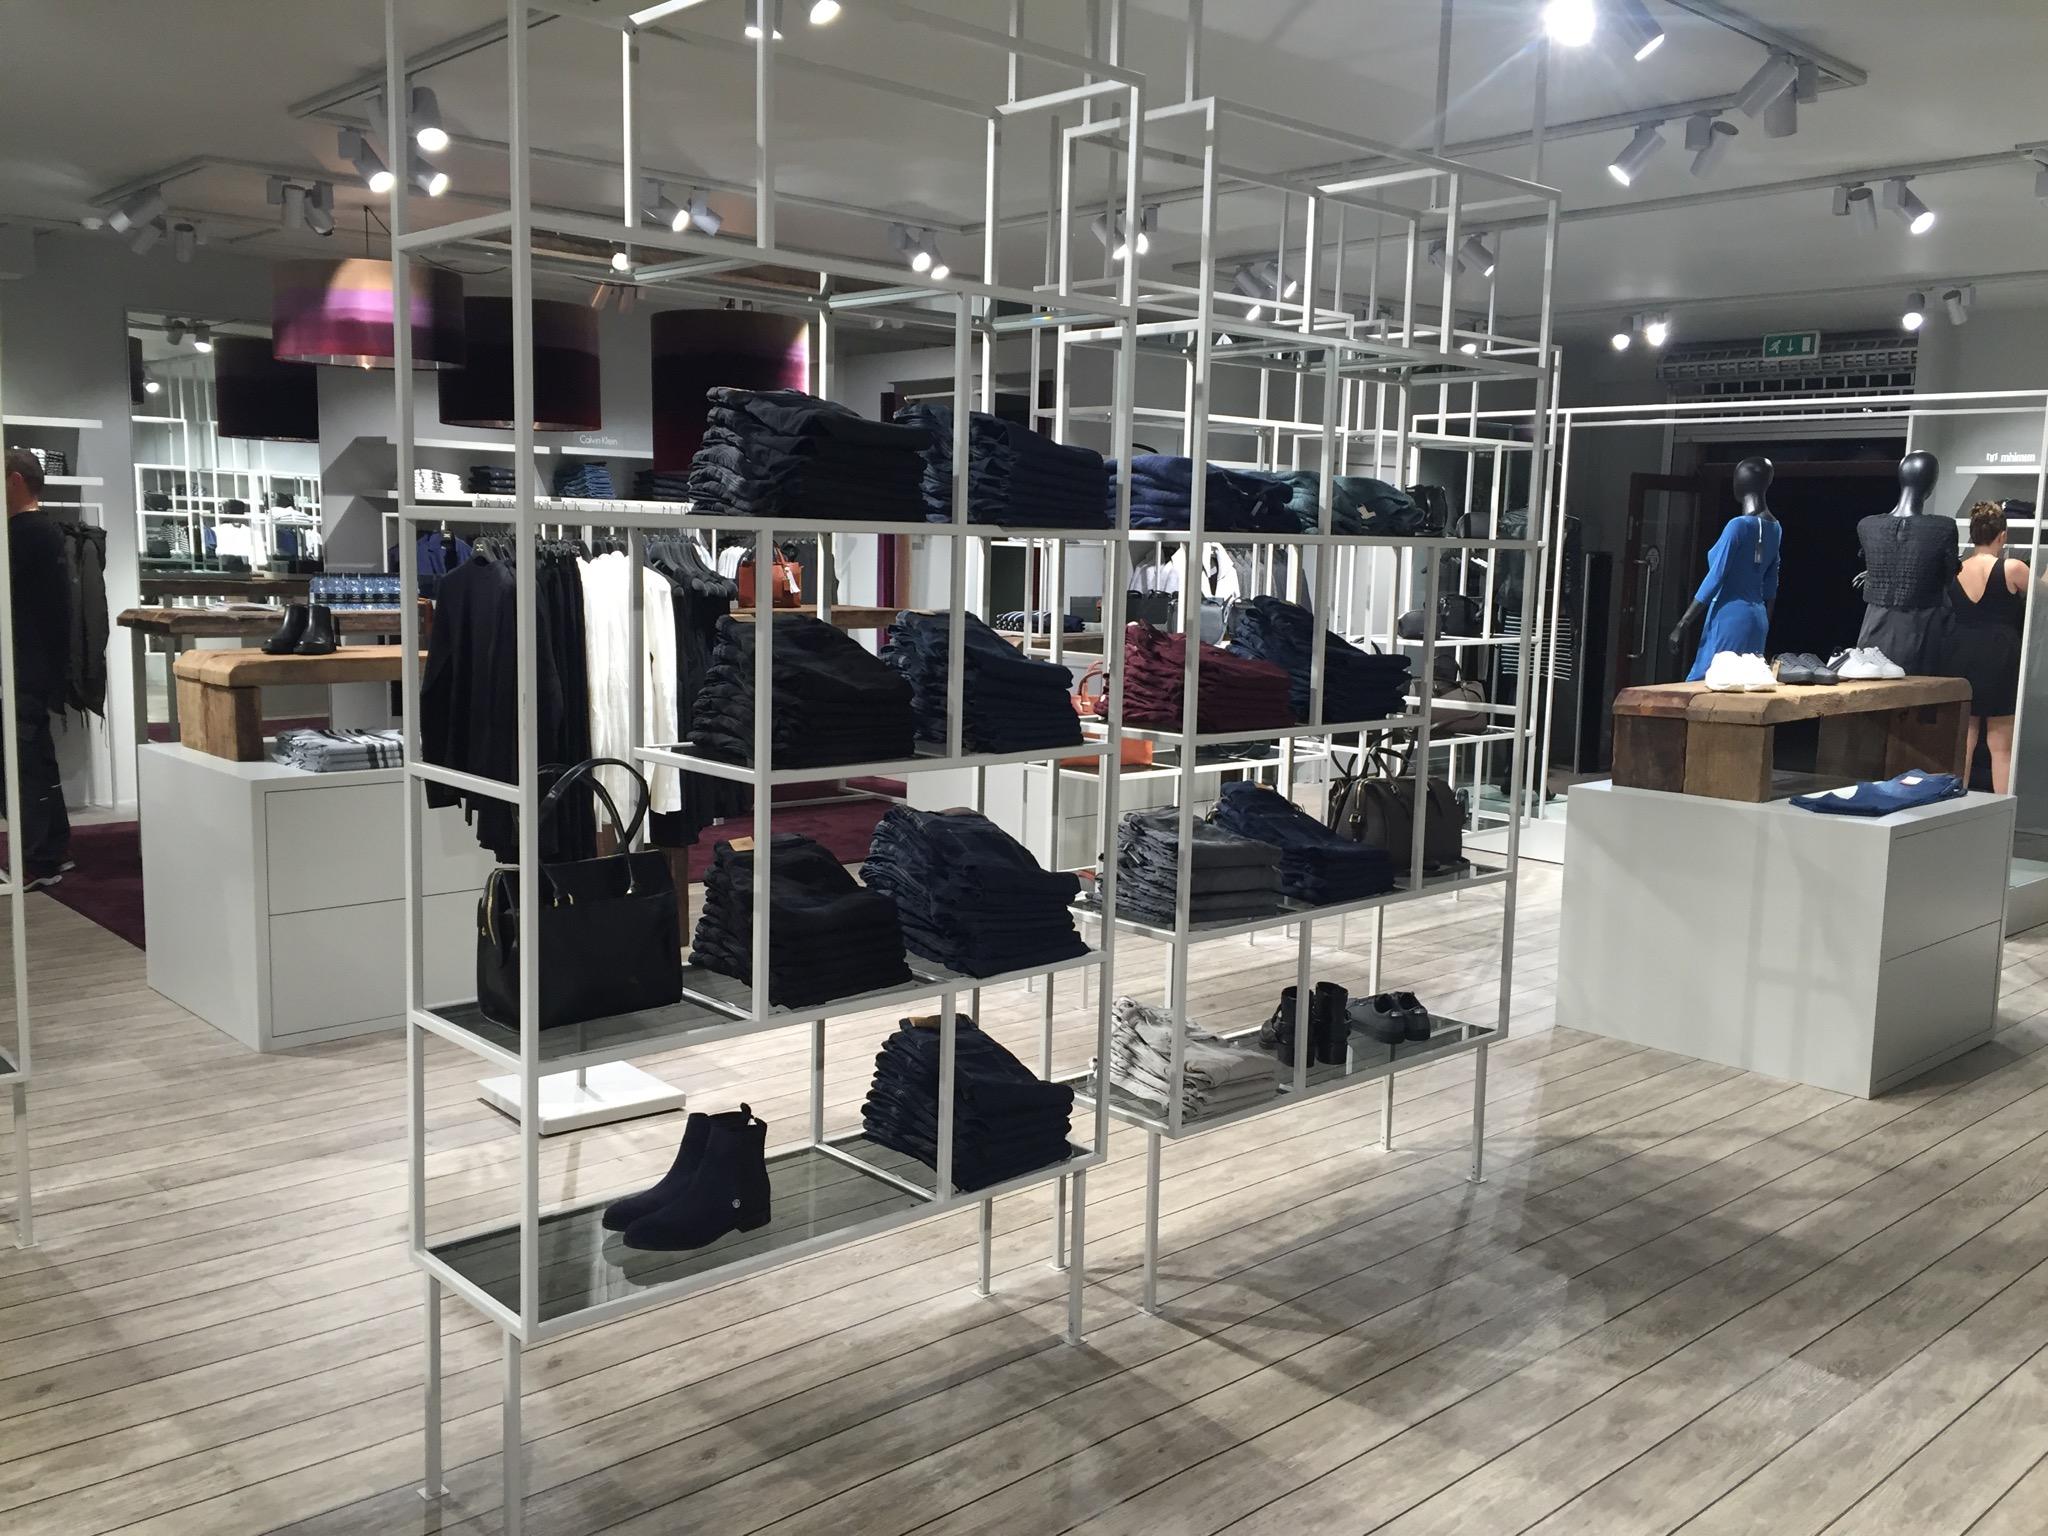 Inventar til butik